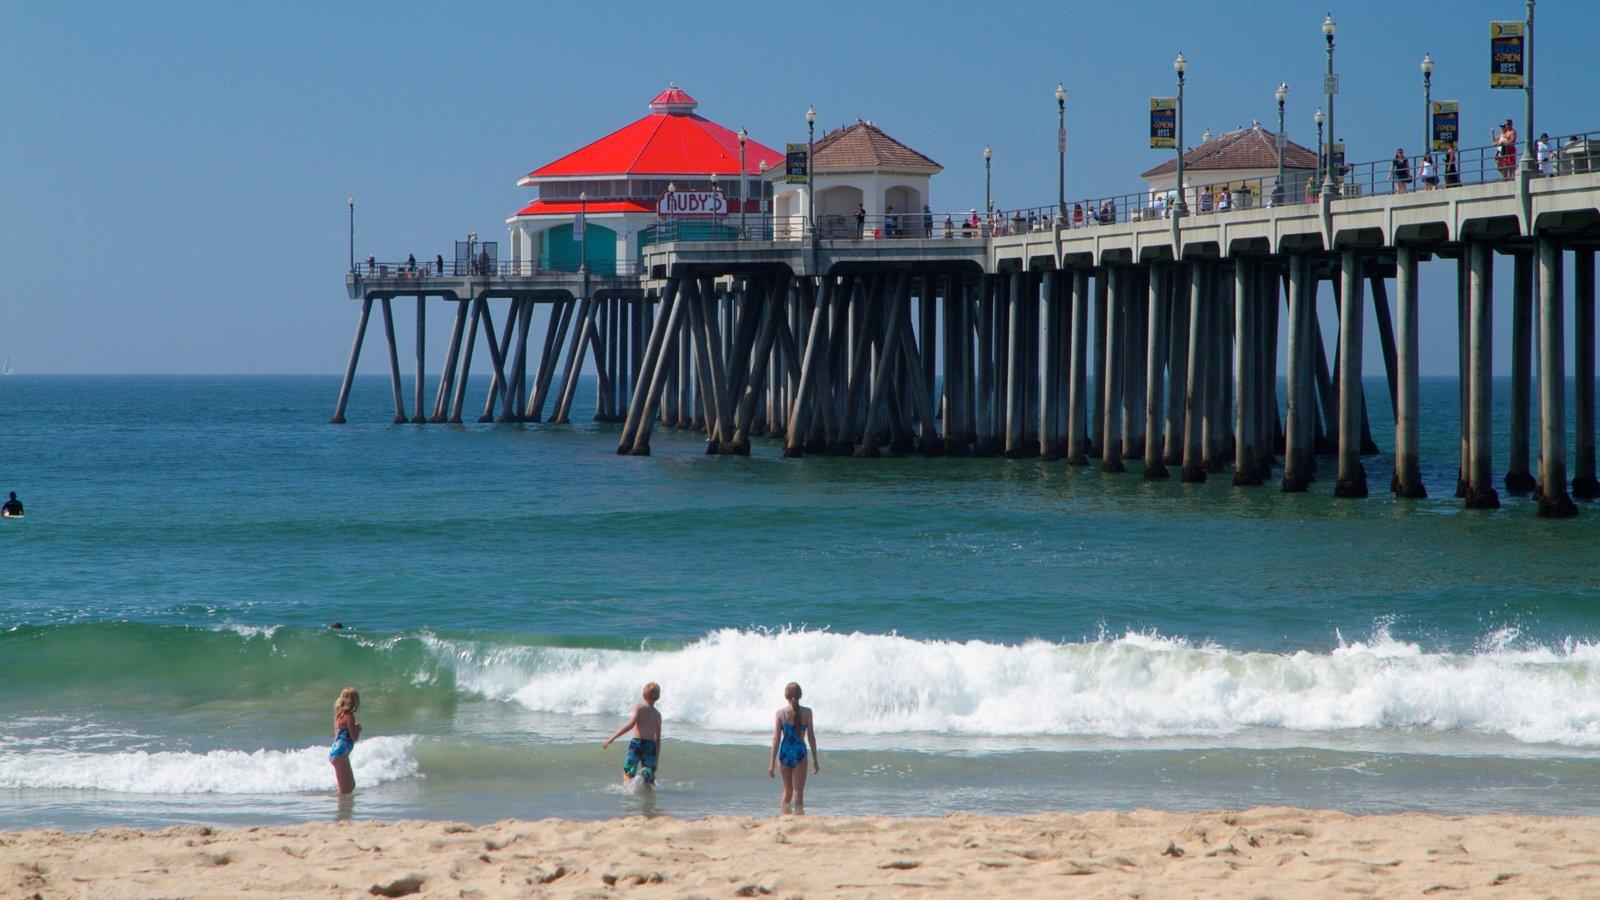 Huntington Beach que incluye vistas de paisajes y una playa y también un pequeño grupo de personas